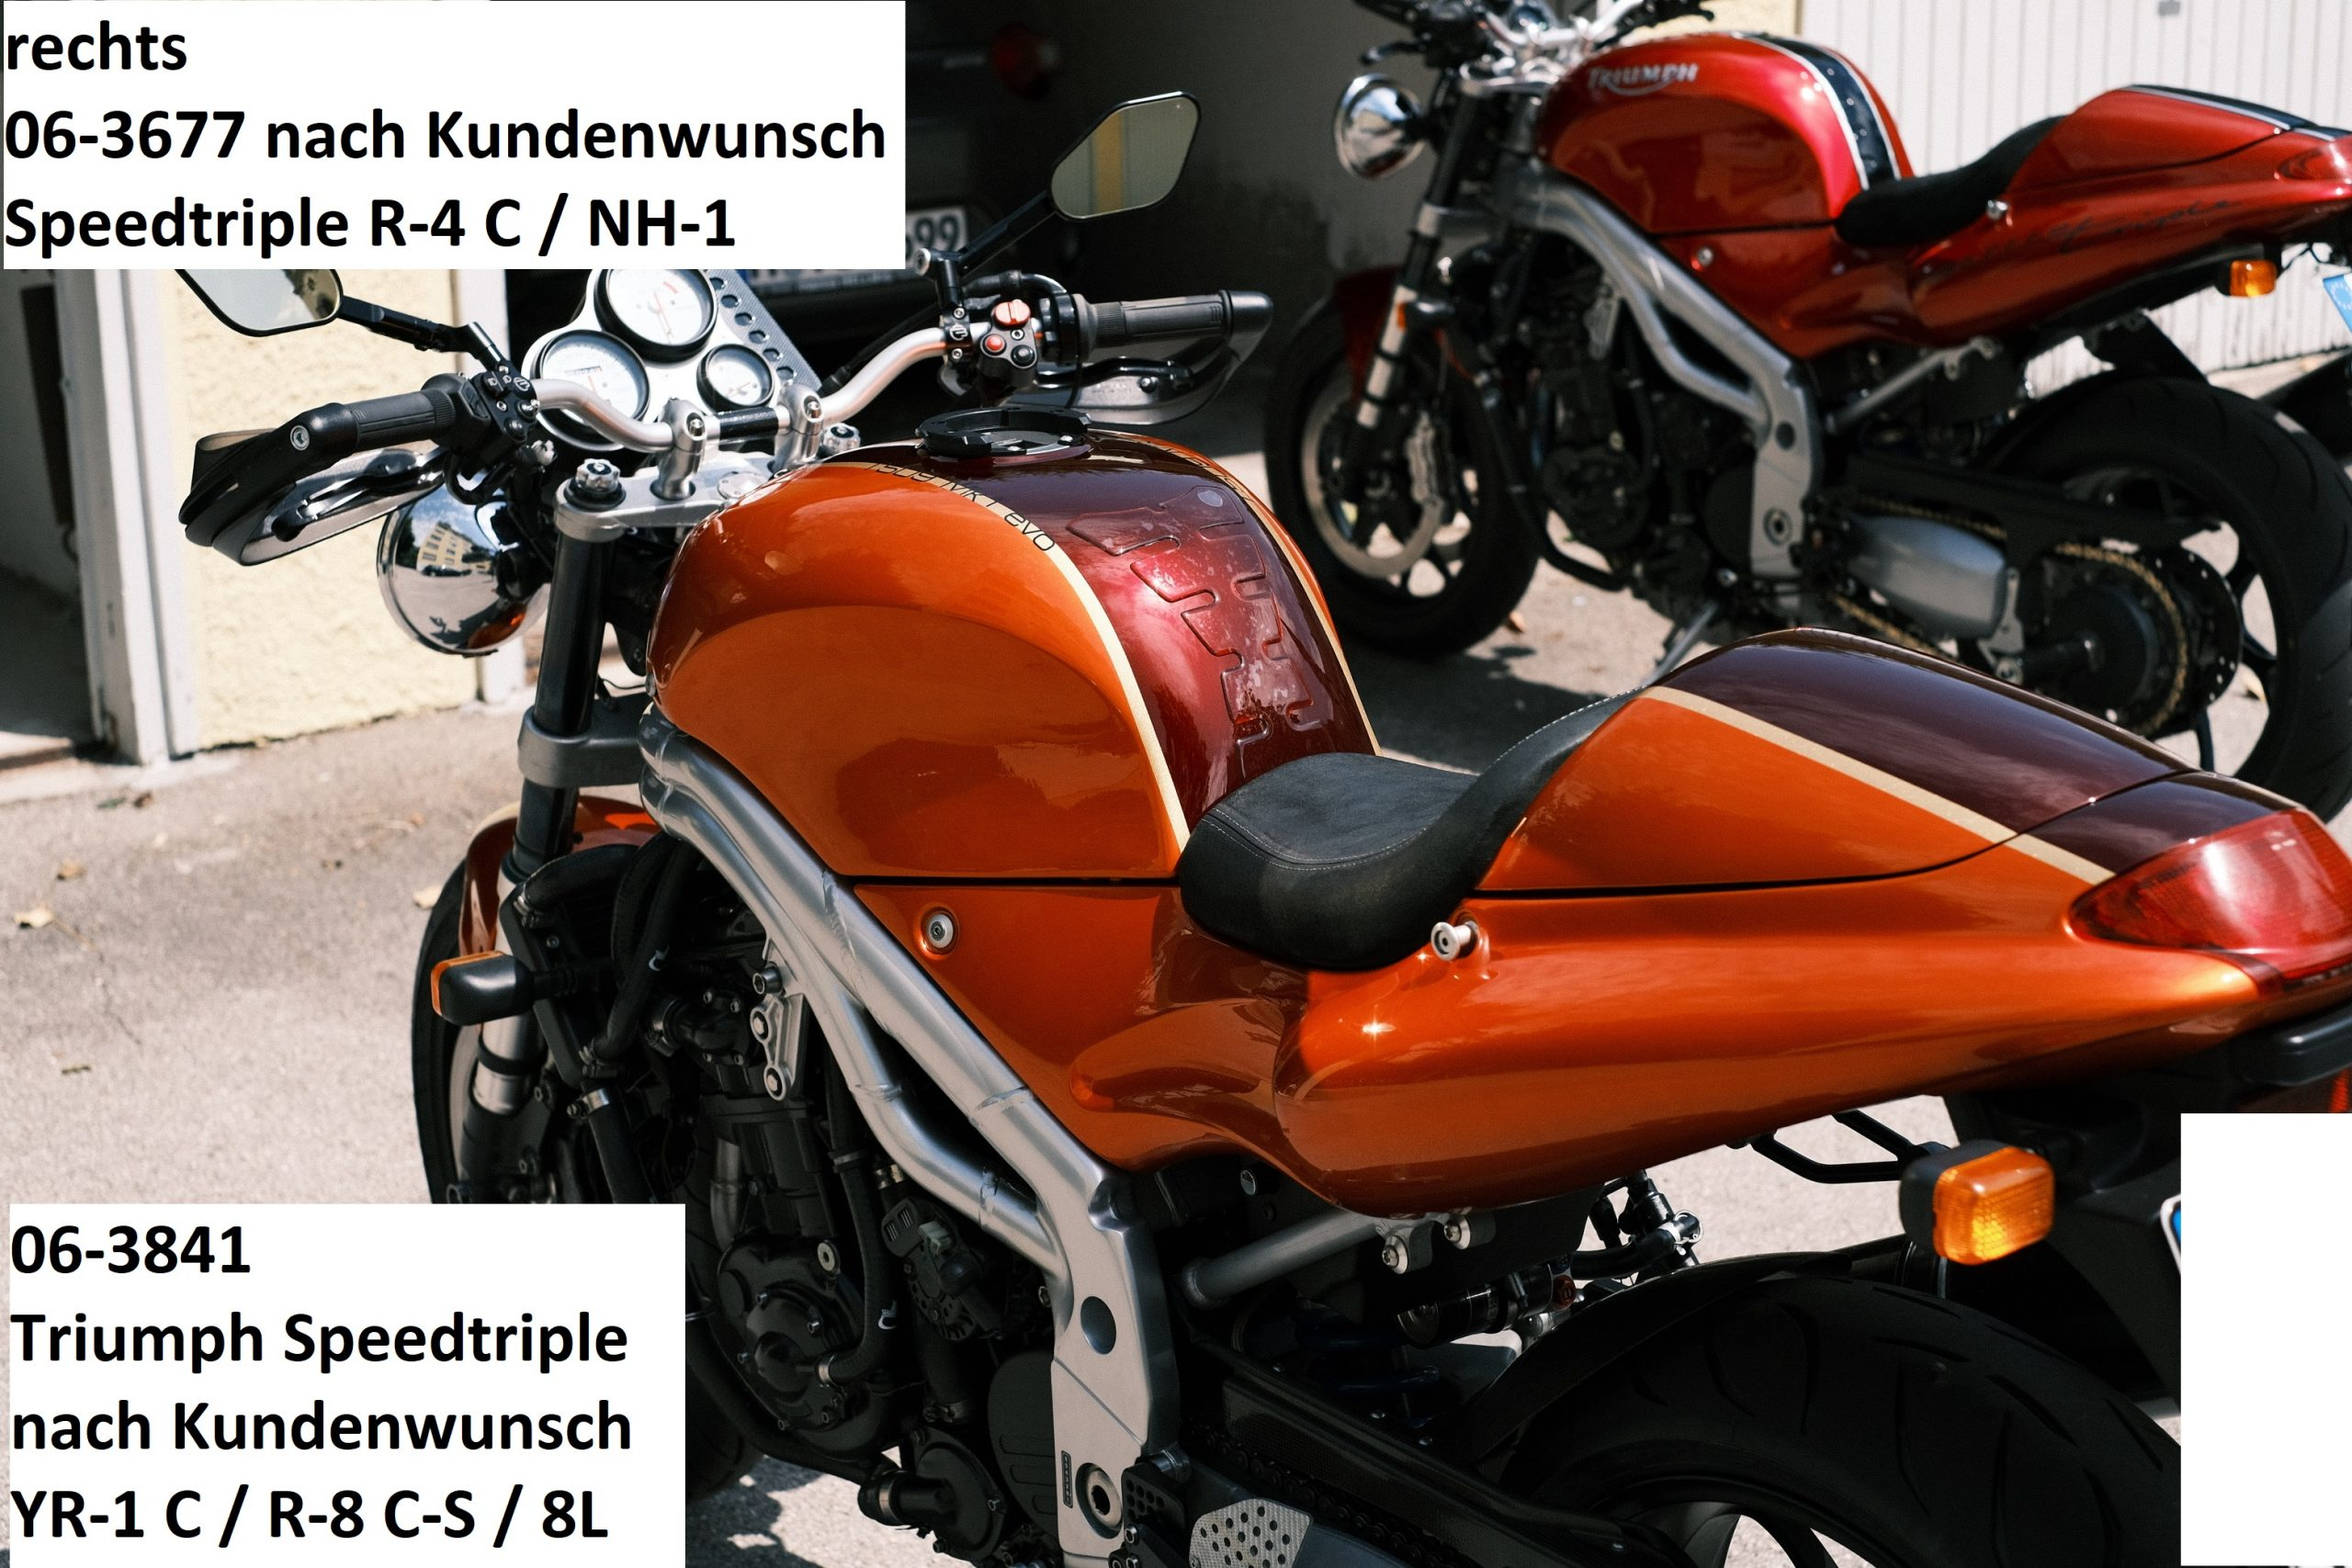 Triumph Speedtriple nach Kundenwunsch YR-1 C / R-8 C-S / 8L RH-Lacke Lackiererei Motorradlackierung 06-3841